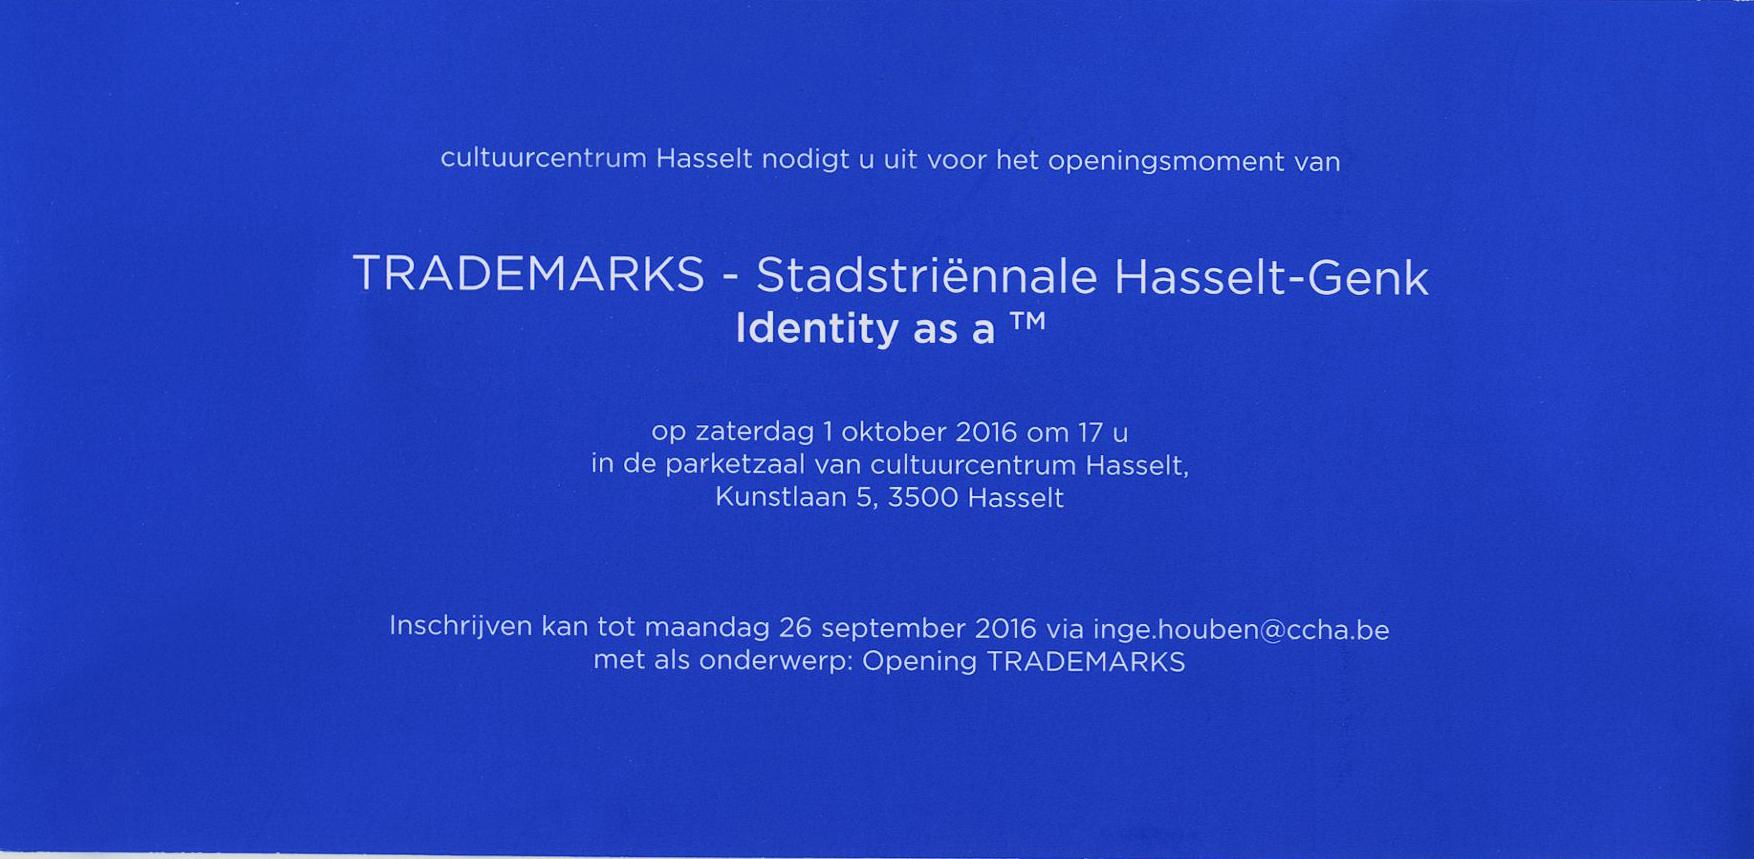 TM Trade Marks expo 2016 C